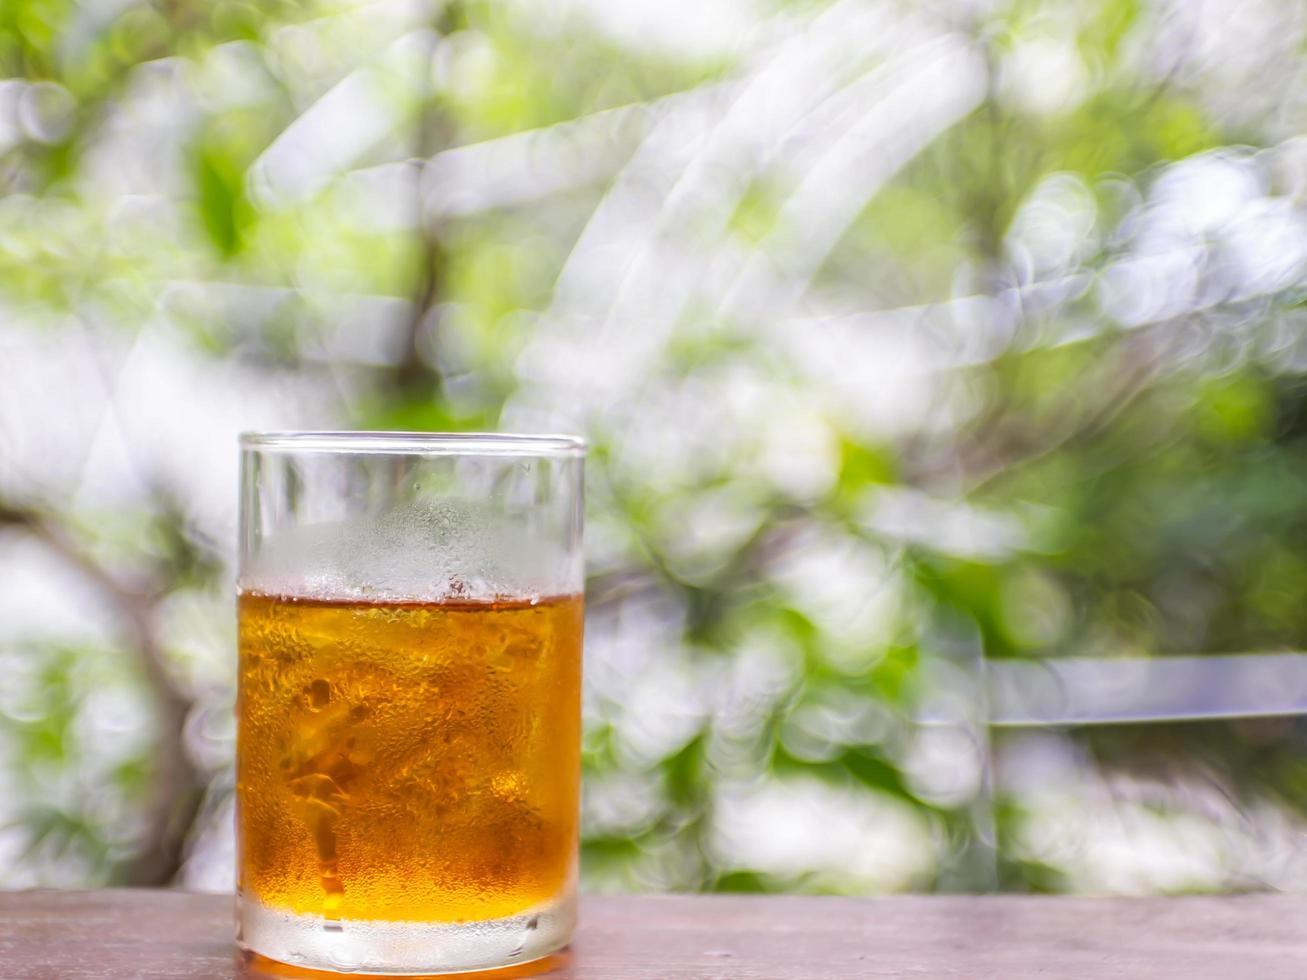 Tè al limone con sfondo bokeh sfocatura verde natura foto